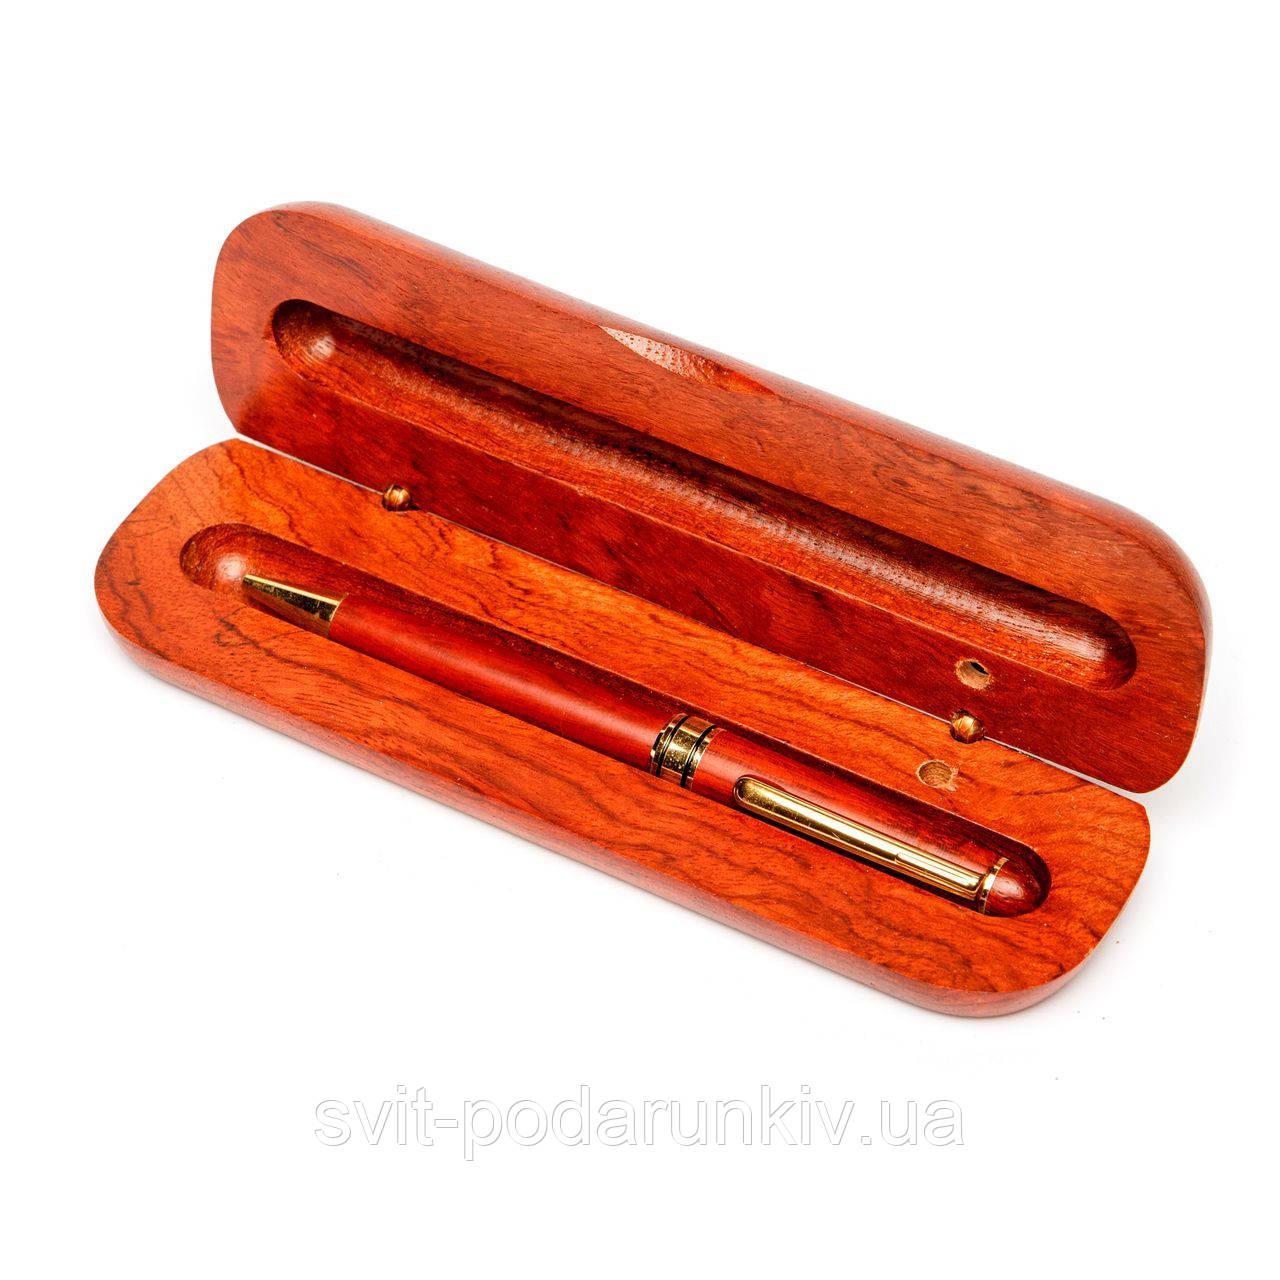 Подарочная ручка шариковая в футляре из дерева DS0501В